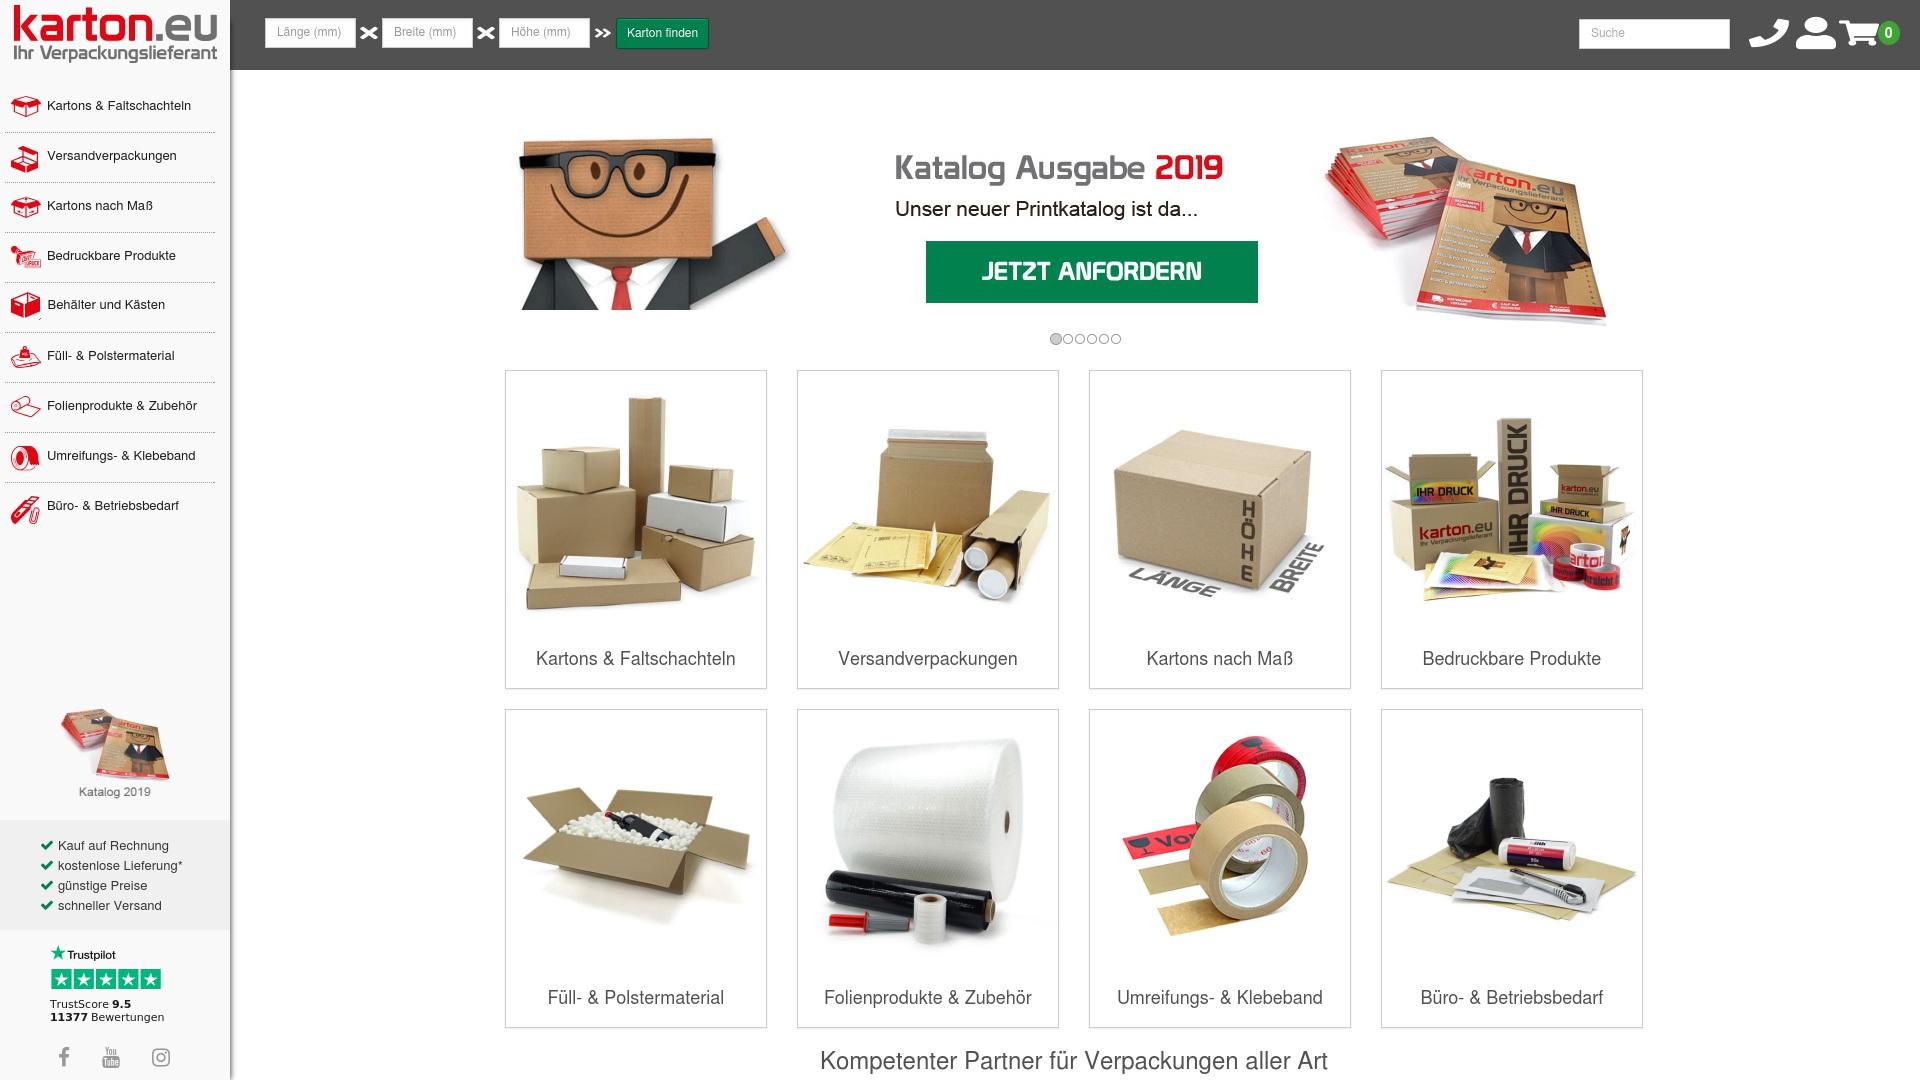 Gutschein für Karton: Rabatte für  Karton sichern